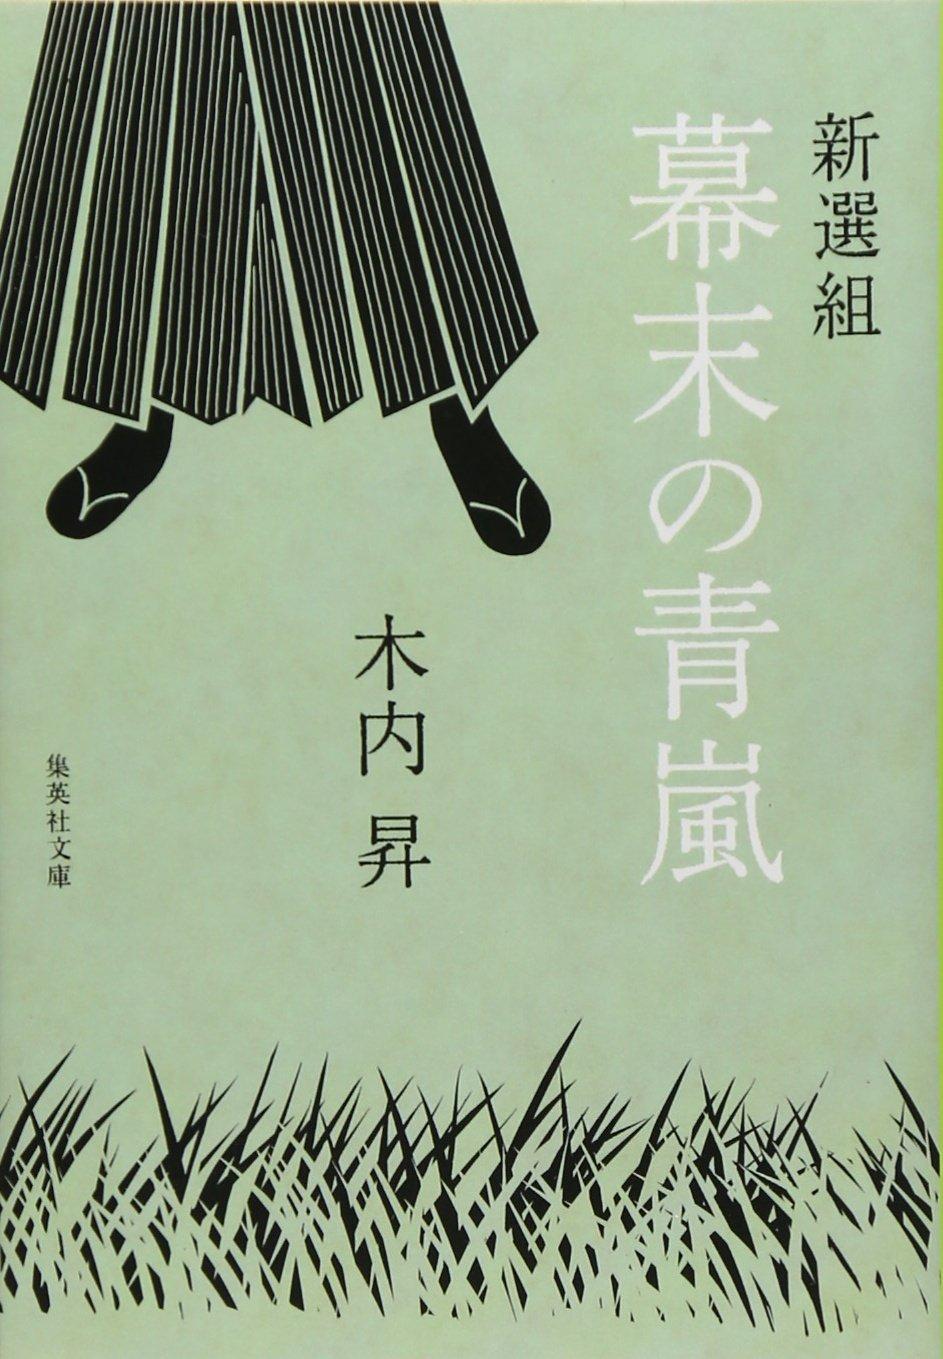 木内昇のおすすめ文庫本5選!『漂砂のうたう』で直木賞受賞